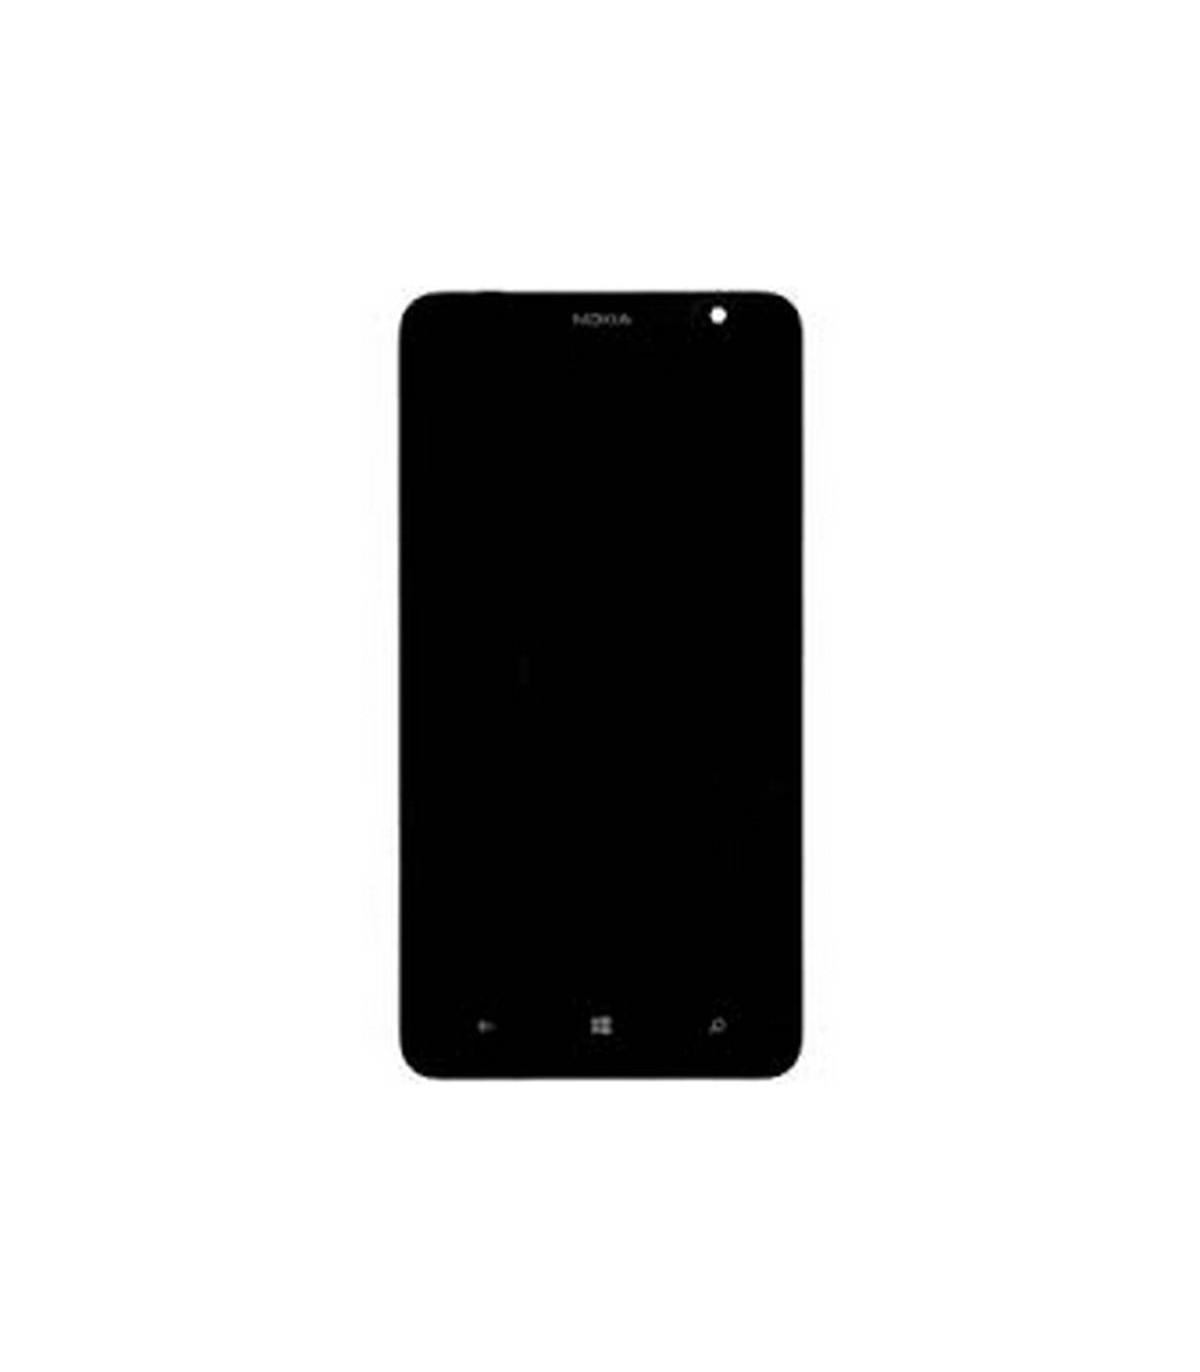 pantalla completa Nokia lumia 1320 negra